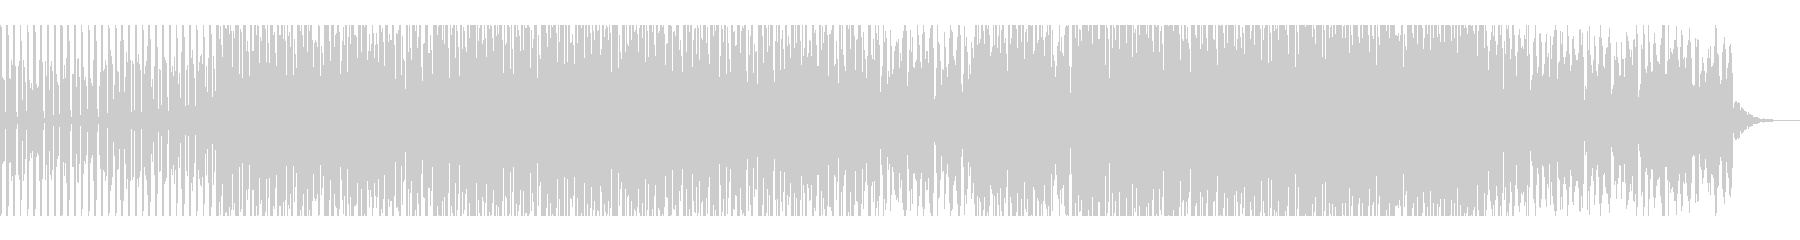 グラマーの未再生の波形